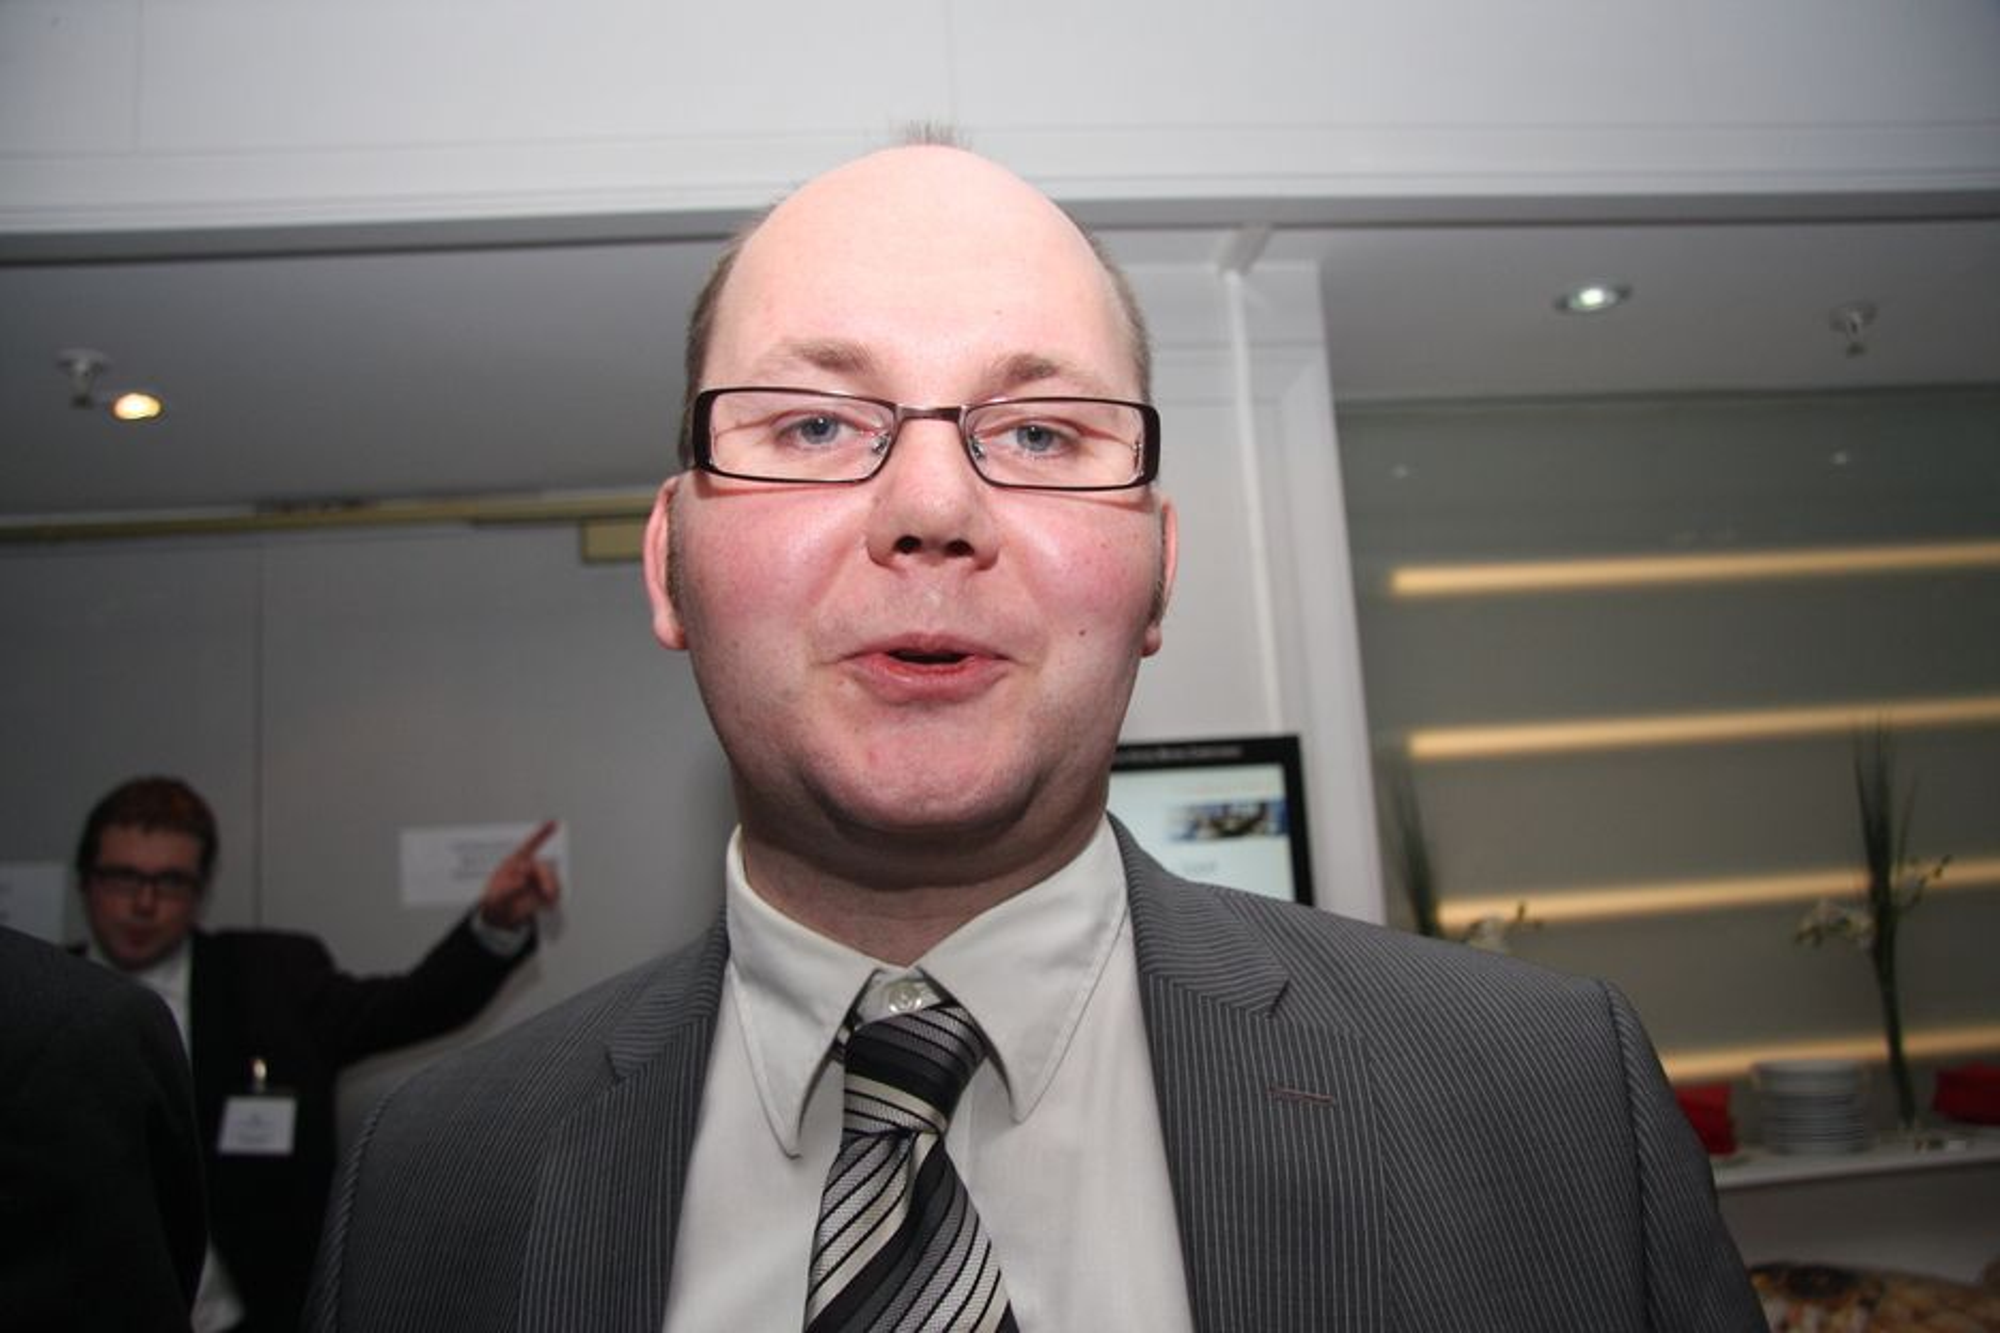 Erik Stensrud Marstein, stedfortredende avdelingssjef ved Institutt for energiteknikk (IFE).